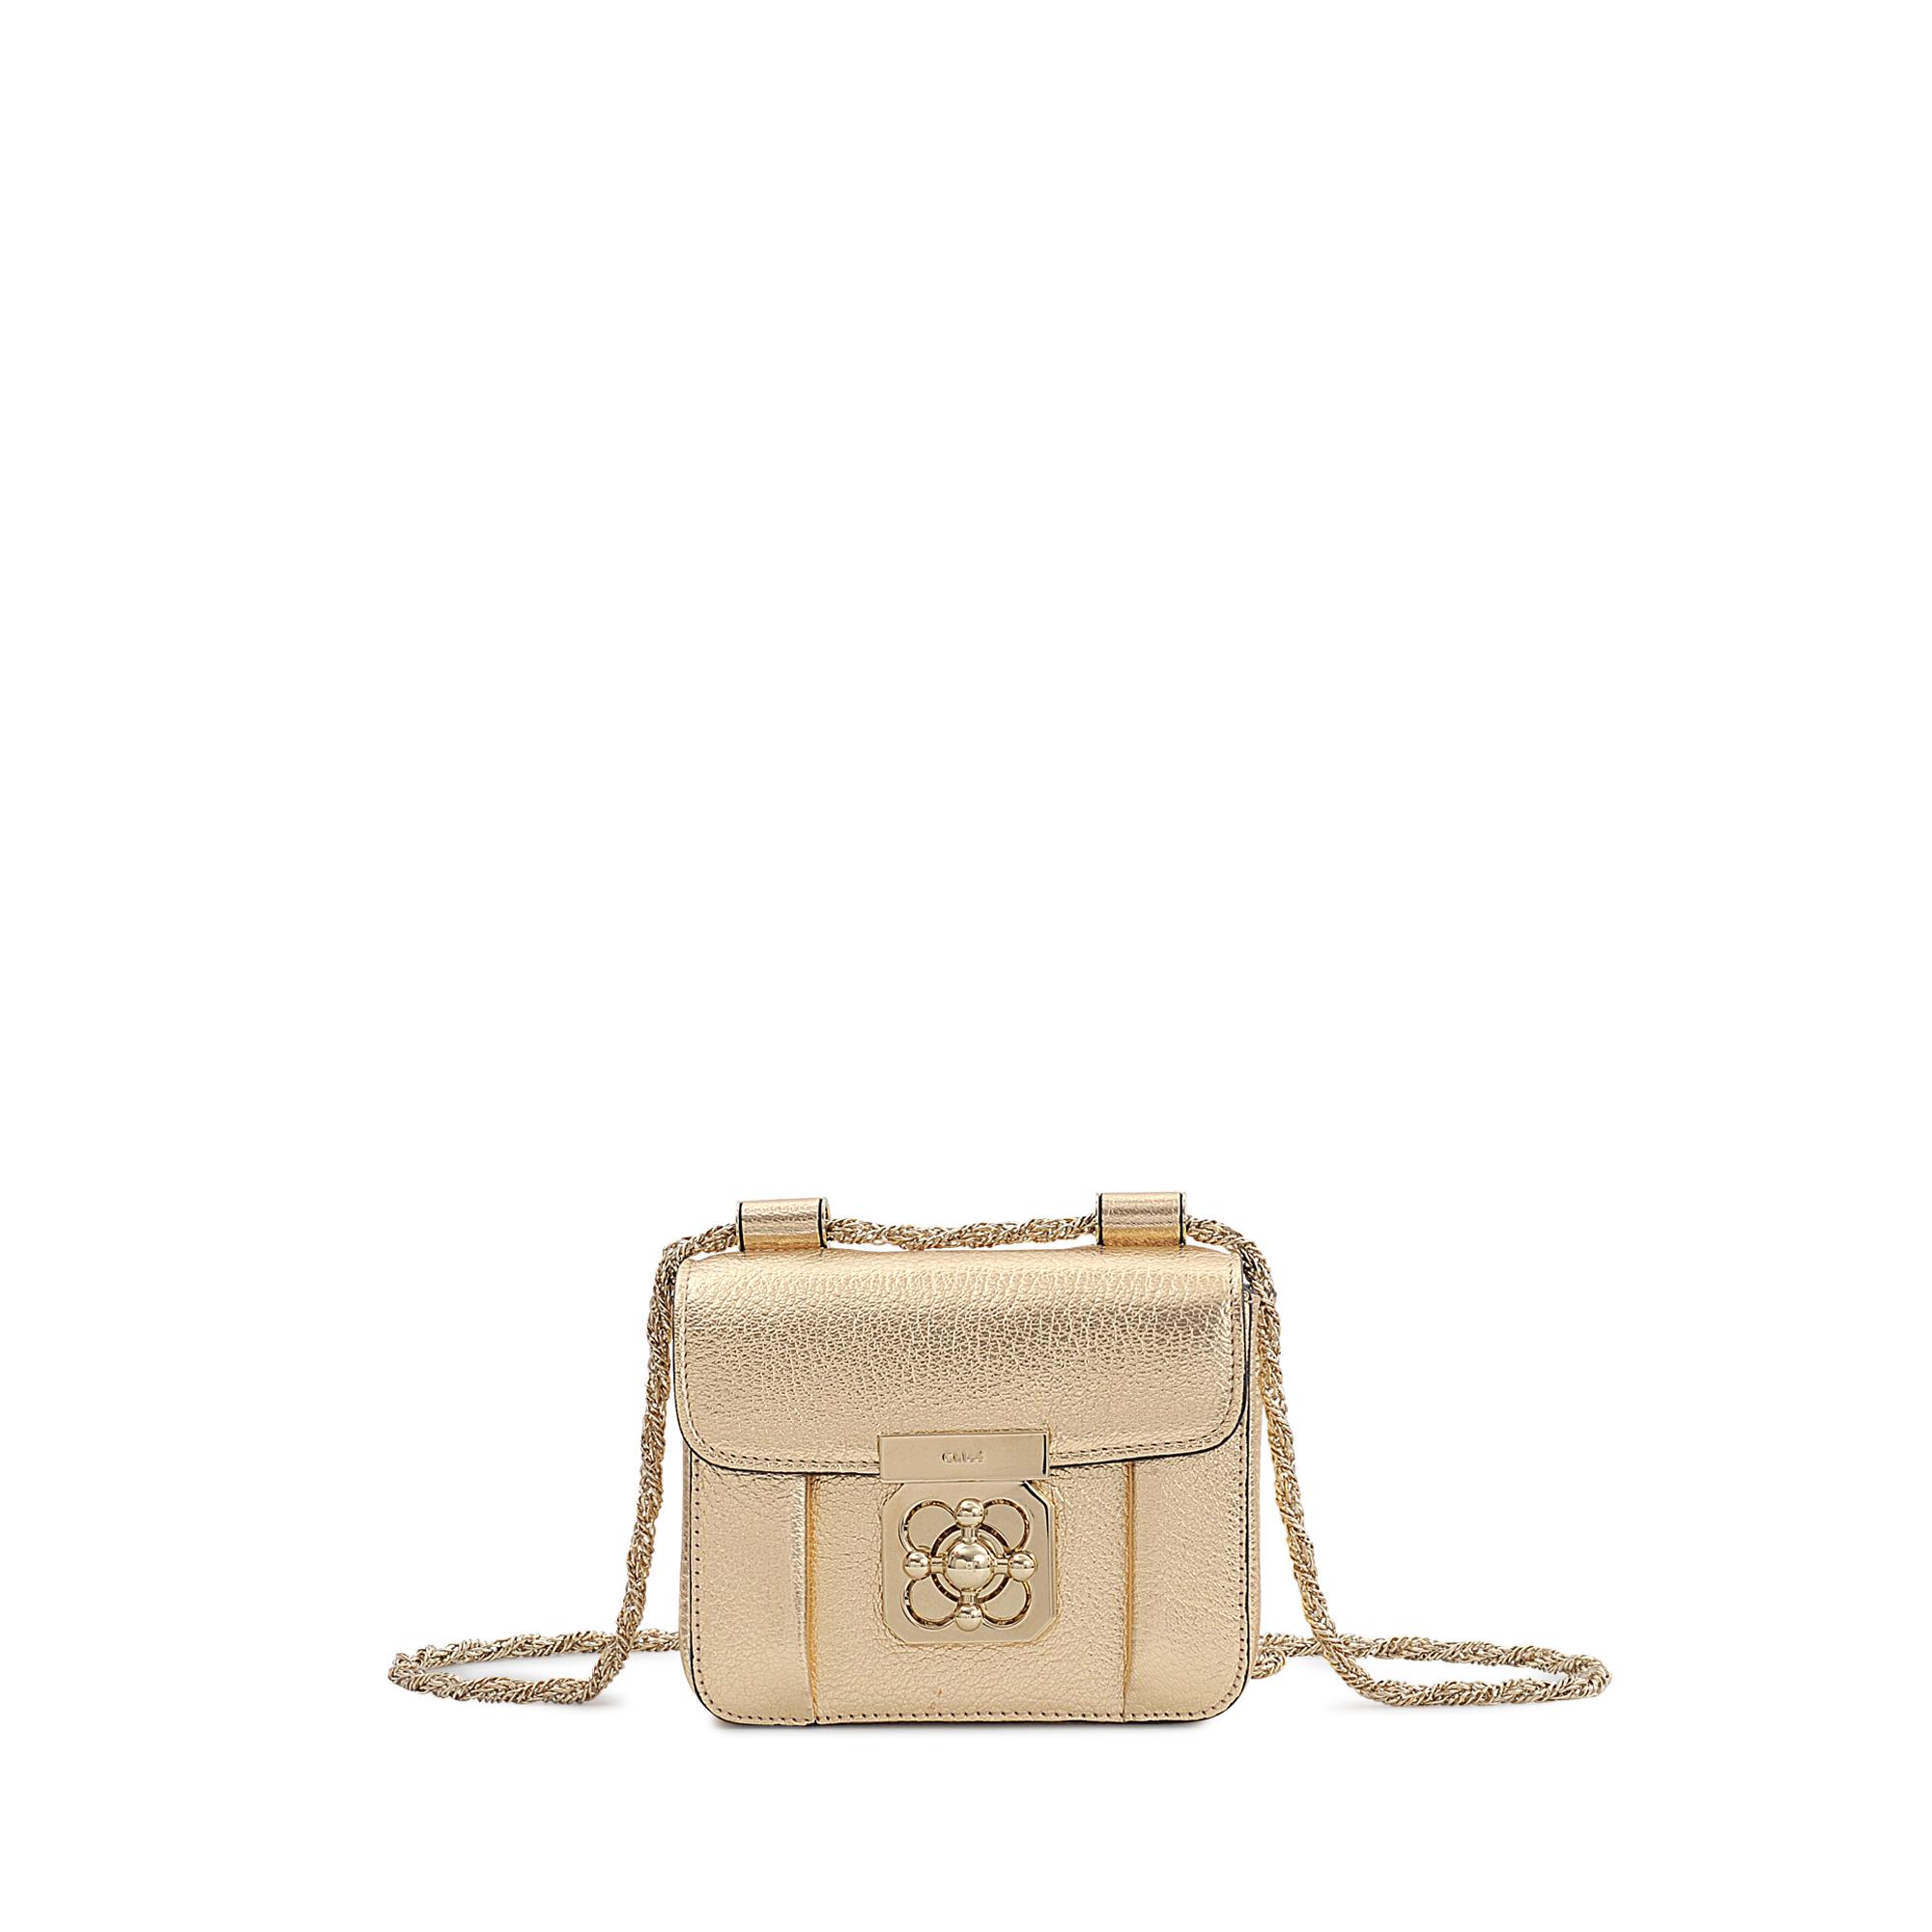 chloe purses prices - chloe metallic snakeskin elsie shoulder bag, chole purses